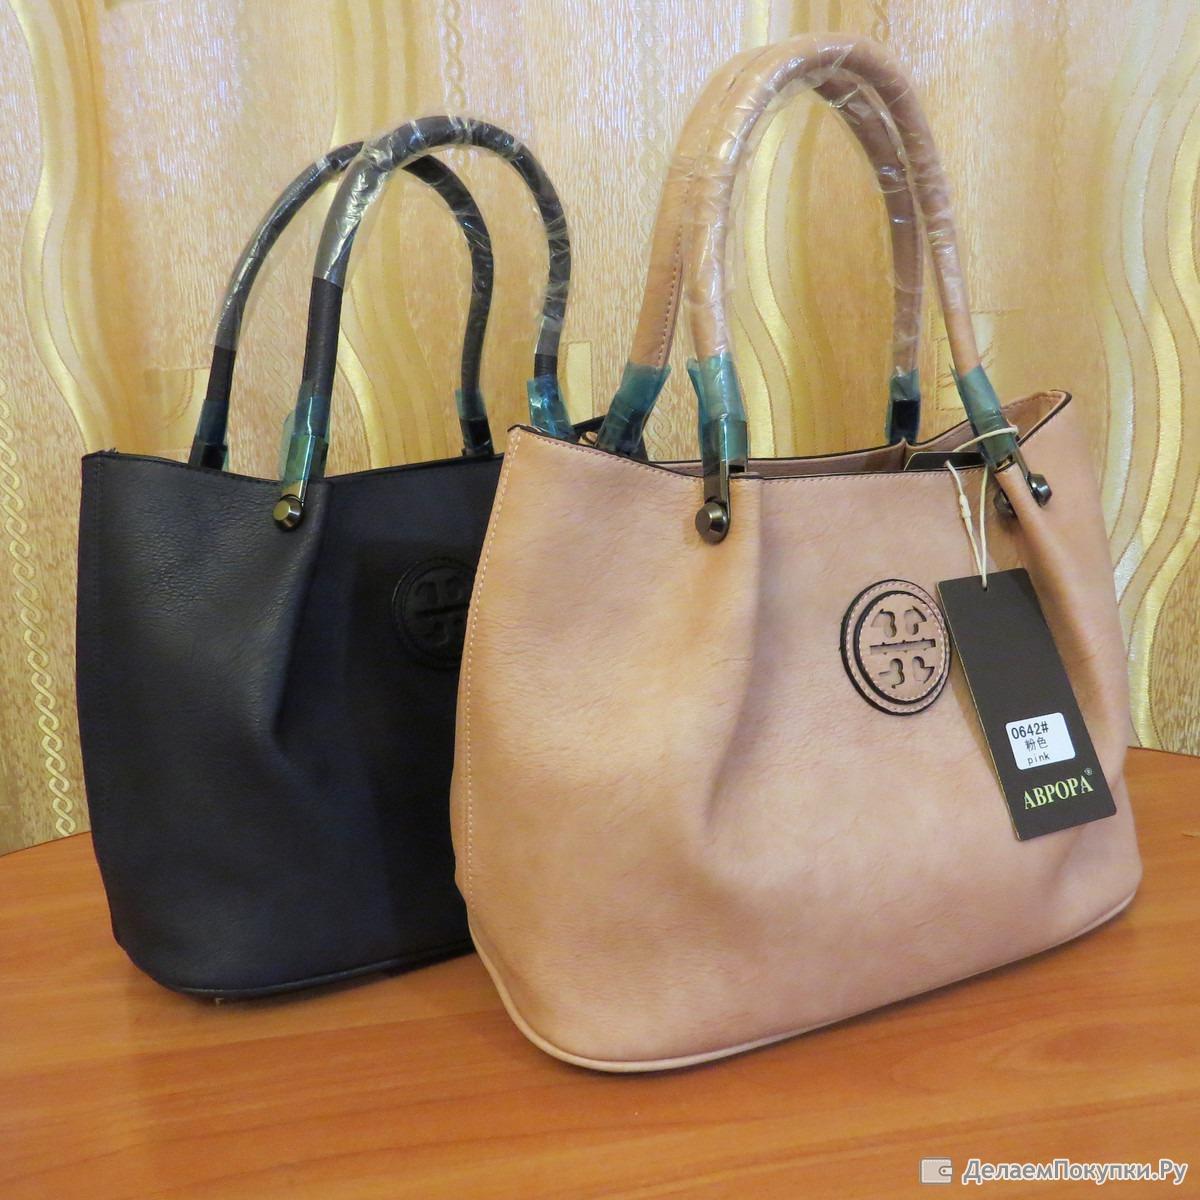 21fe763448f4 Шикарные сумочки. Реплики женских сумок известных брендов: Группа ...